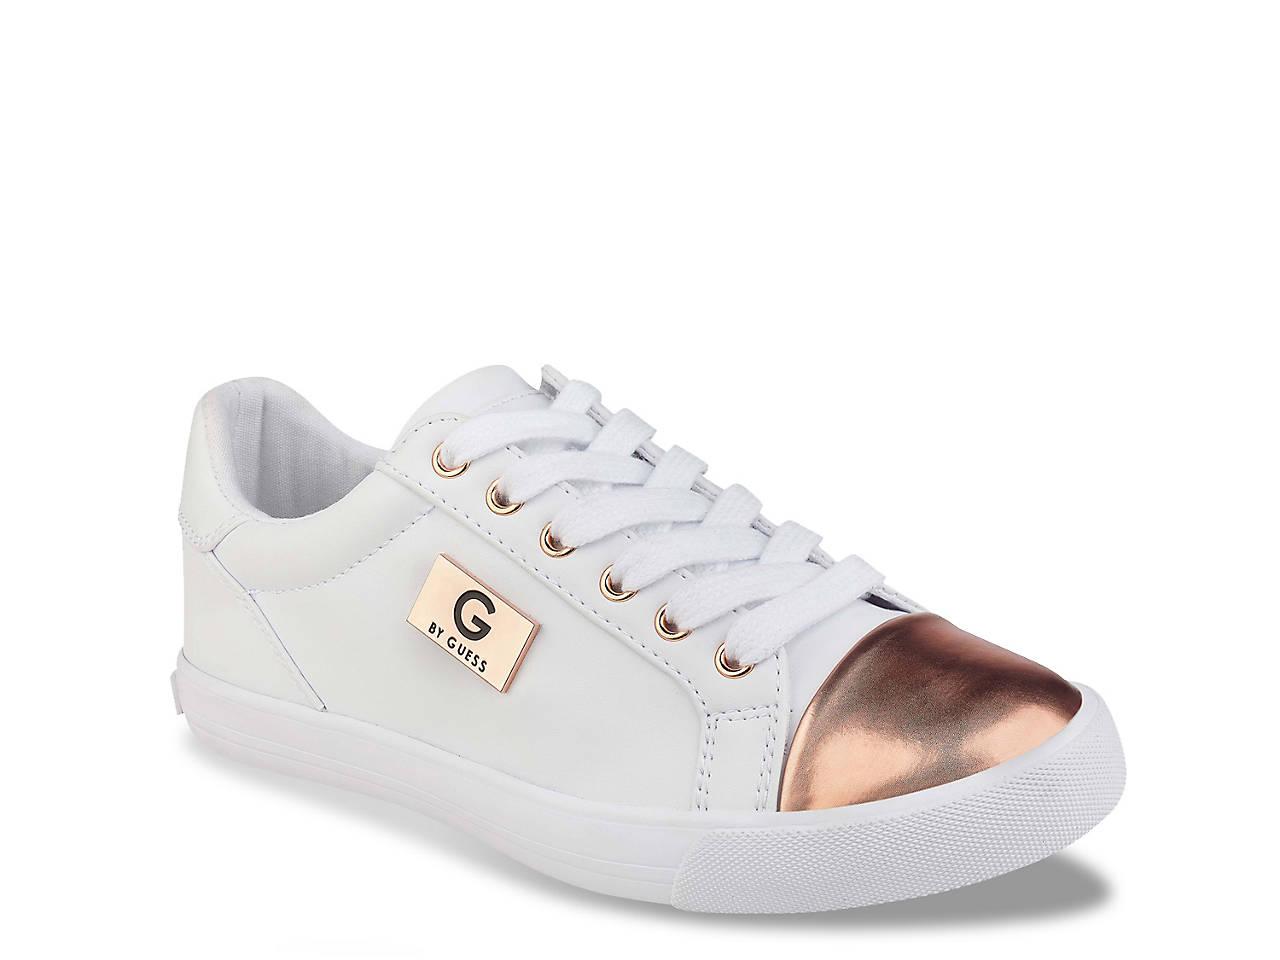 656cfffde596 G by GUESS Ocara Sneaker Women s Shoes